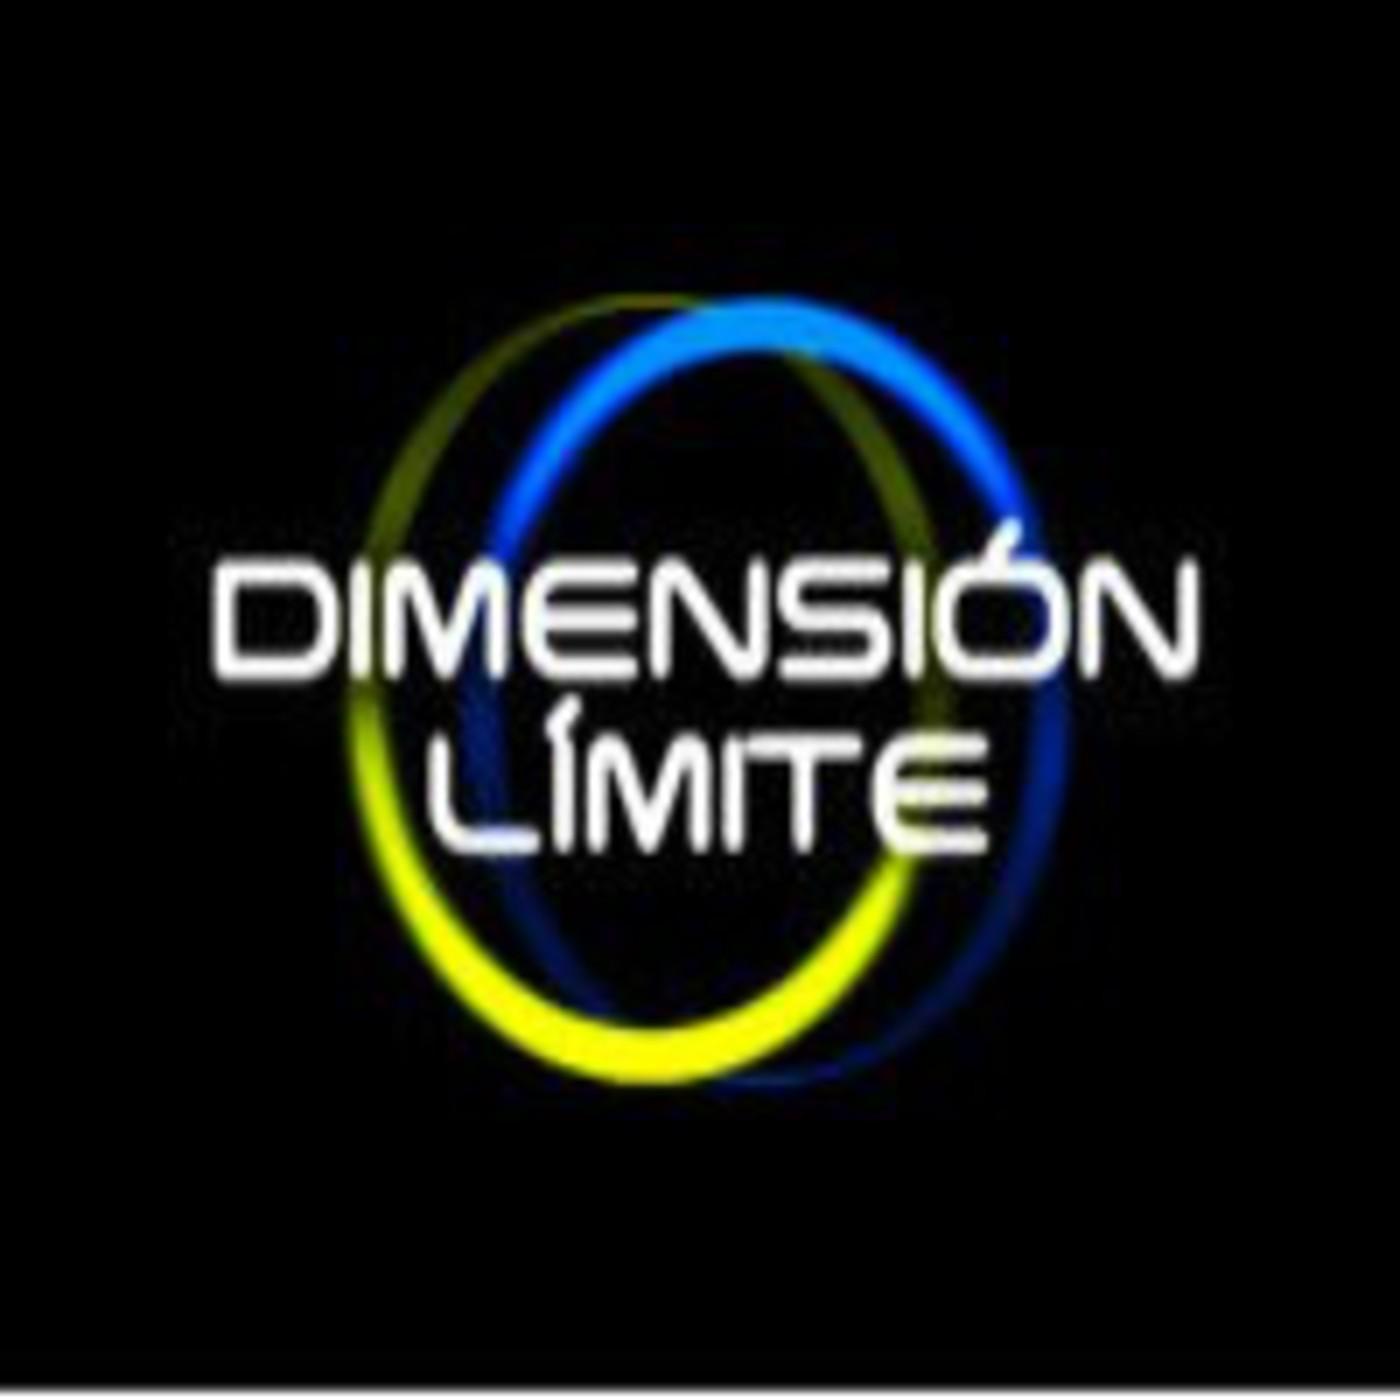 Vuelve... Dimensión Límite: La madrugada del próximo viernes 19